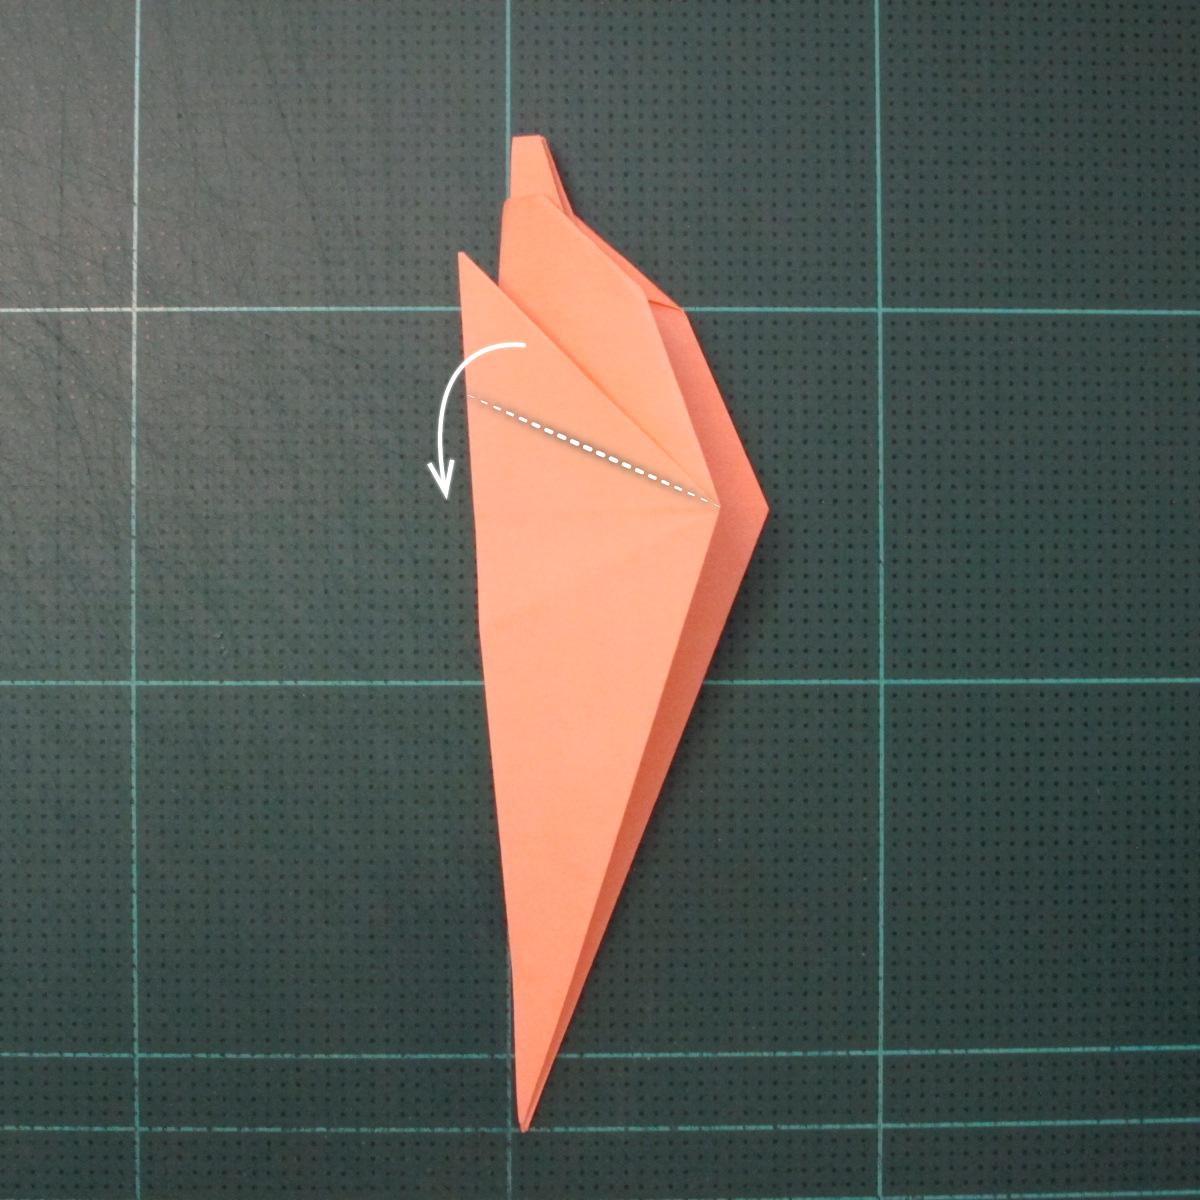 วิธีพับกระดาษเป็นรูปปลาโลมาแบบง่าย (Easy Origami Dolphin) 010